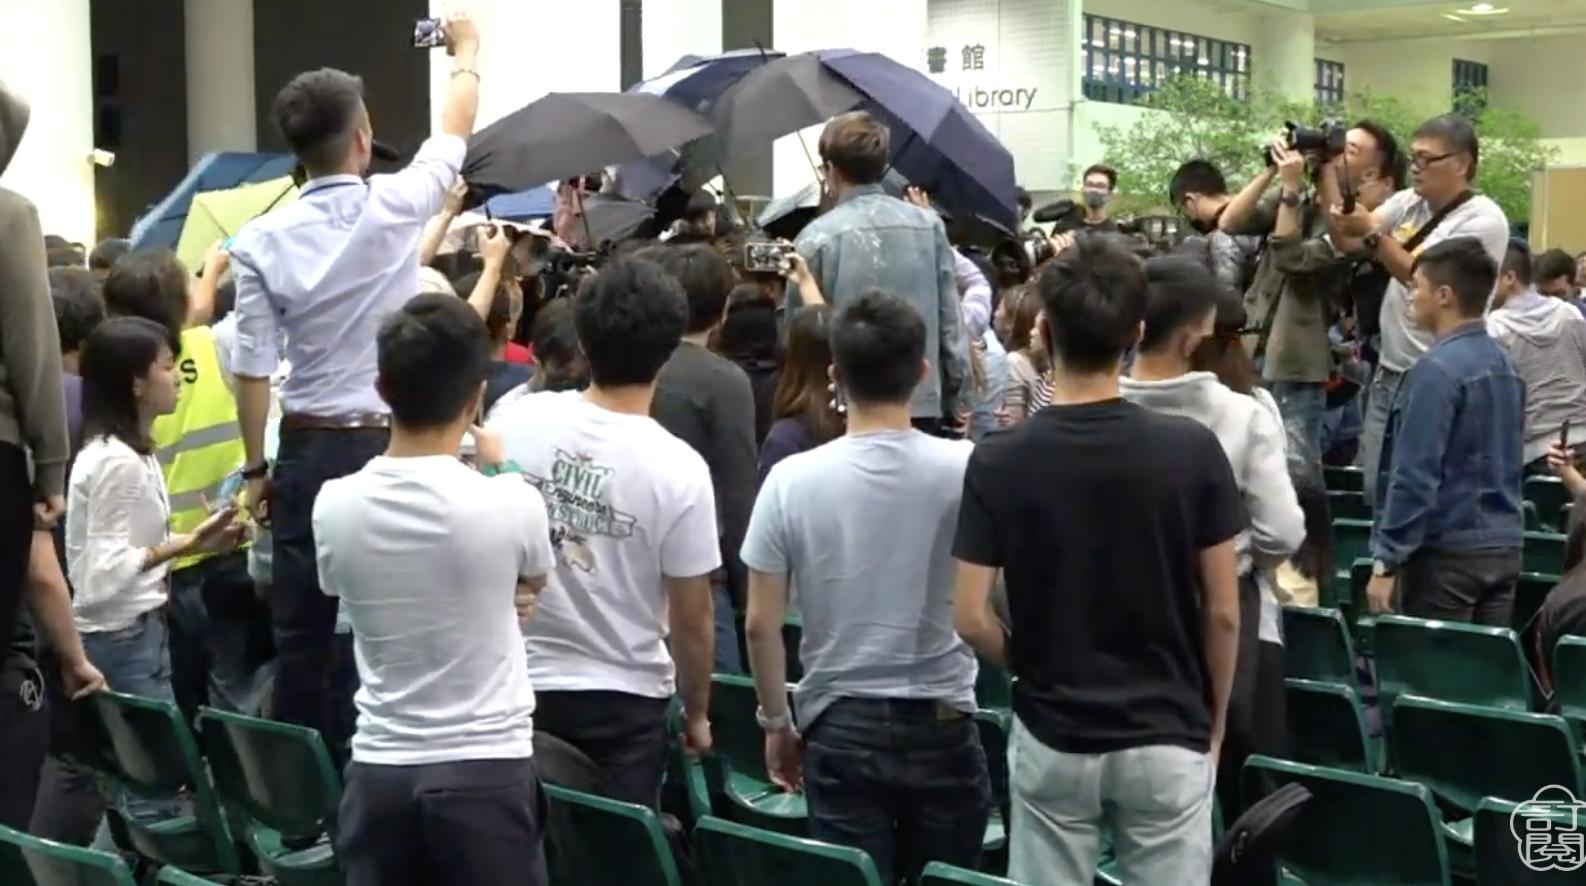 6日科大校長史維與學生公開對話,中場休息時,大陸學生與港生發生衝突。(視頻截圖)